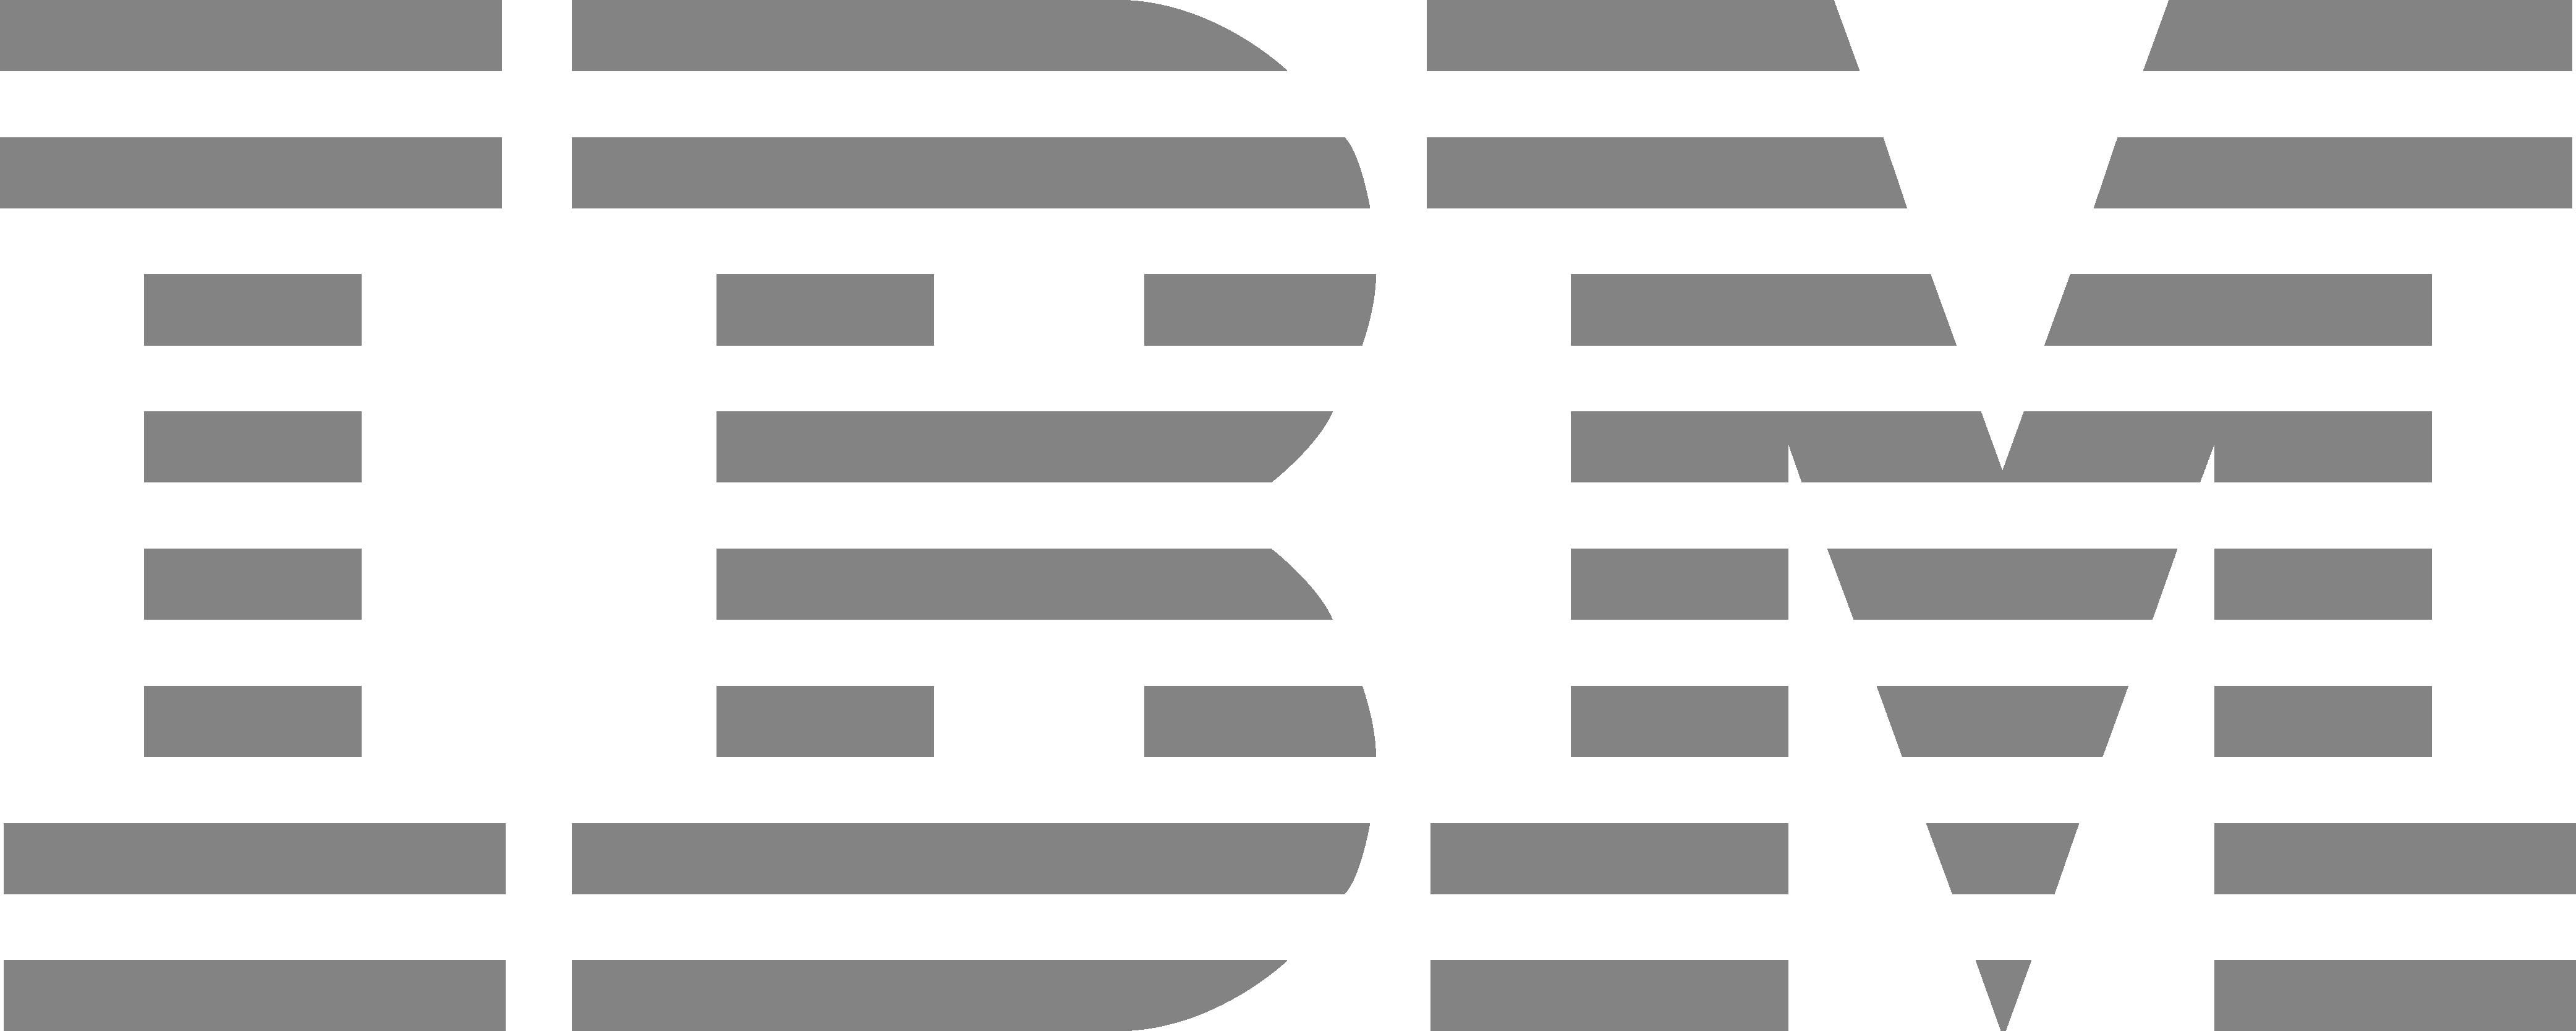 IBM_logo_dark-Grey